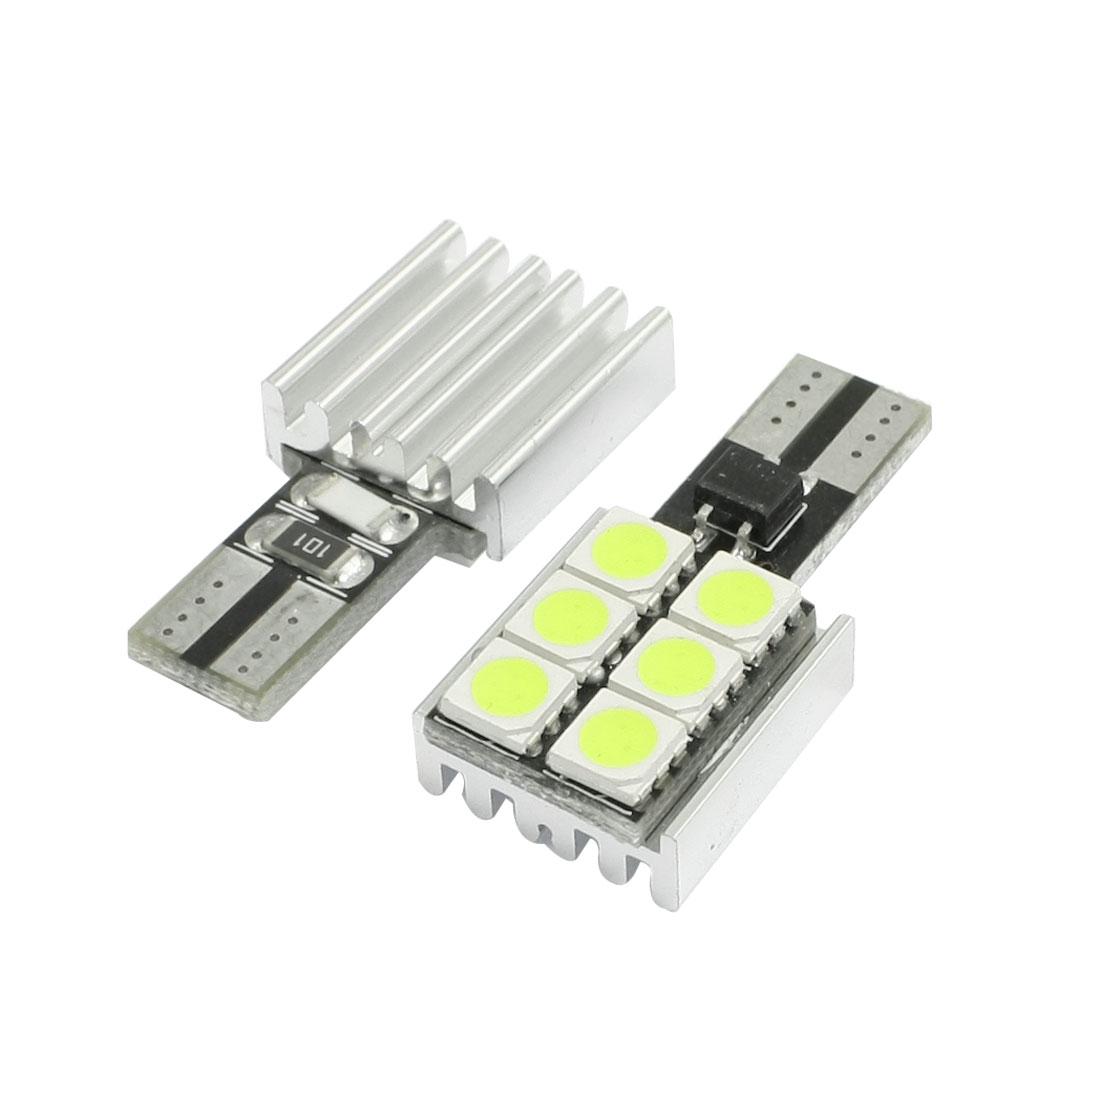 Vehicle Car Canbus White T10 White 6 5050 SMD LED Turn Tail Light Bulbs 2 Pcs